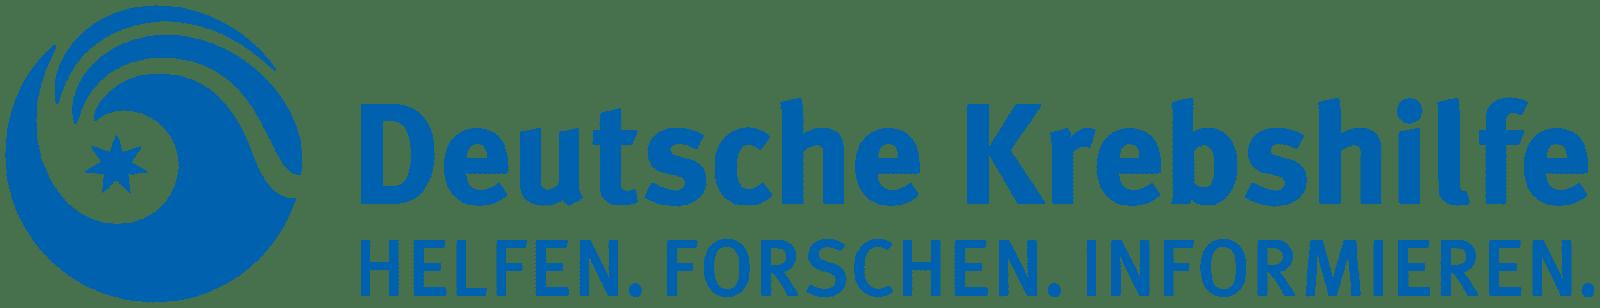 gsh-deutsche-krebshilfe-funding